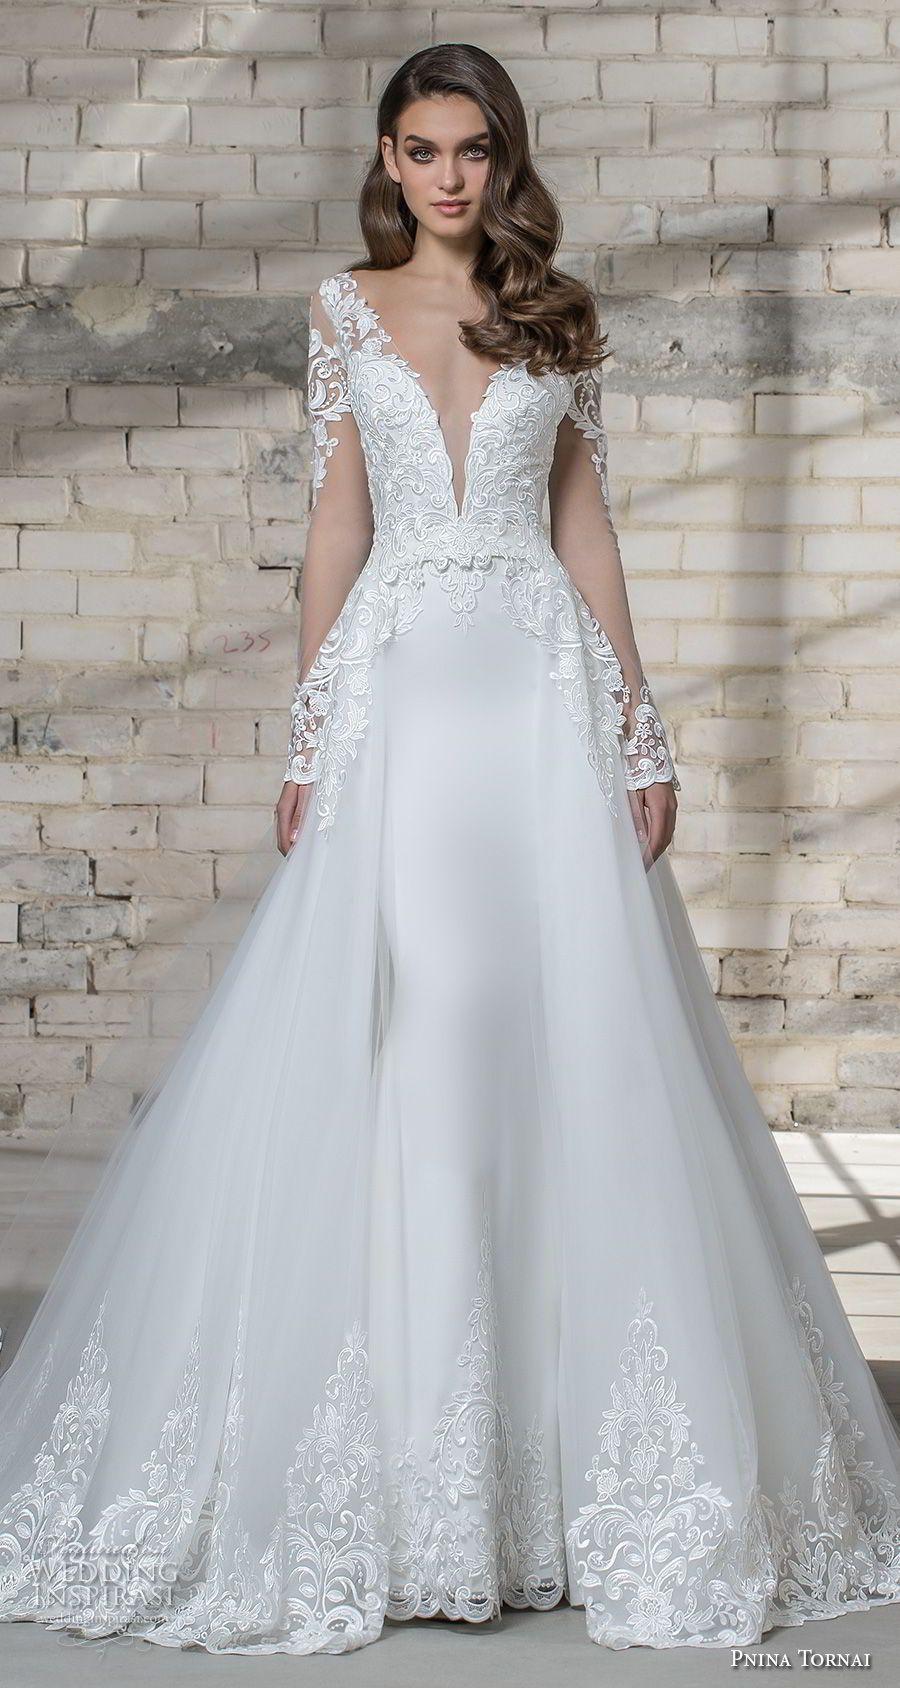 Pnina tornai love bridal long sleeves deep plunging v neck